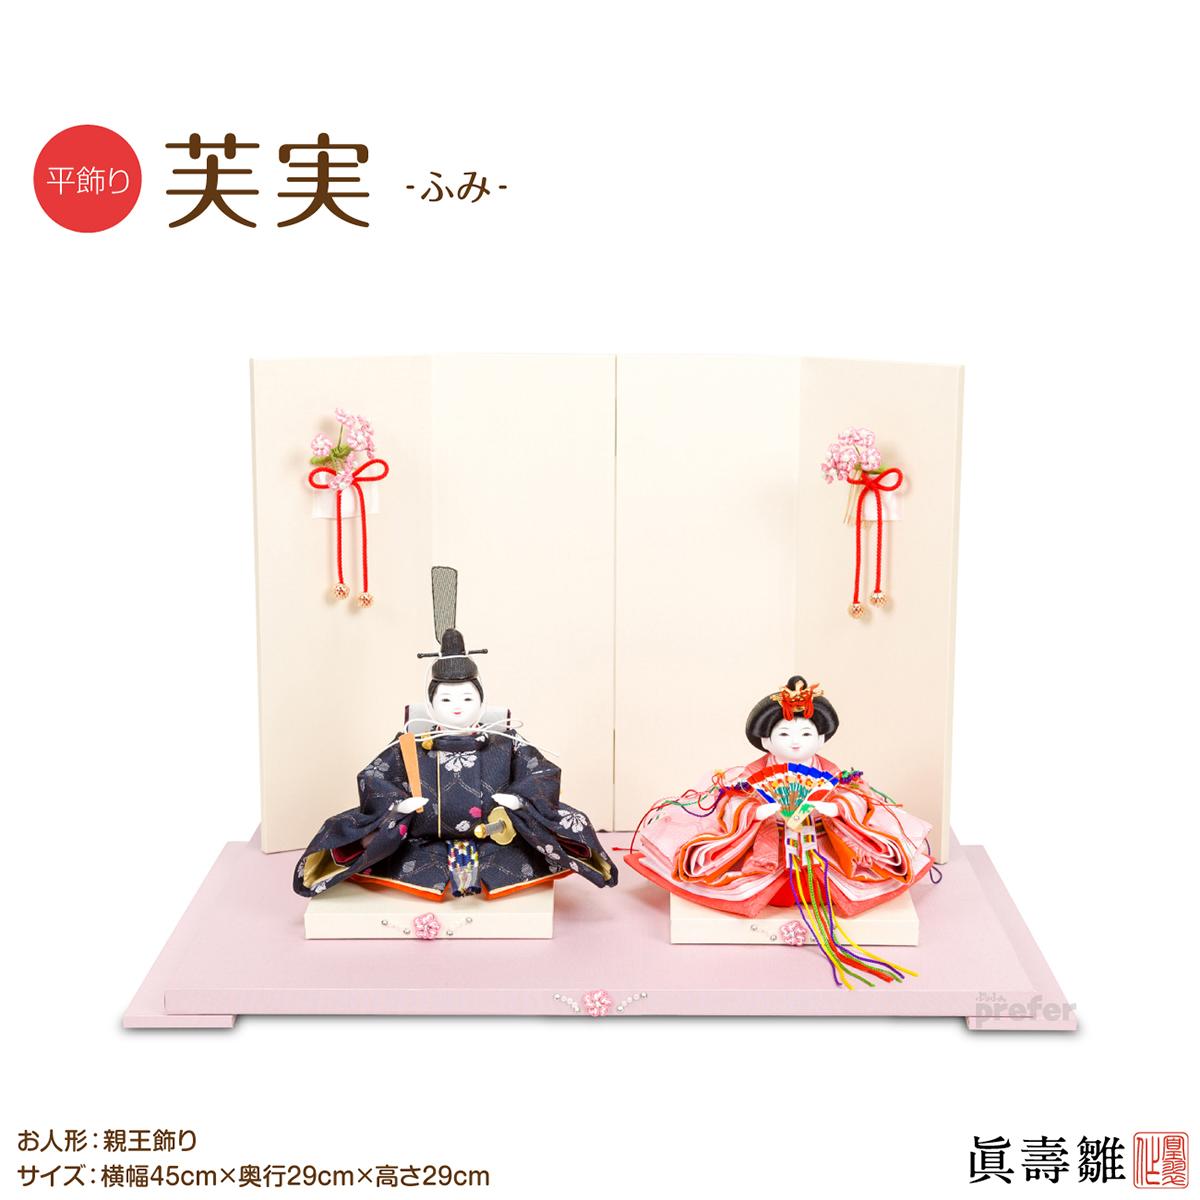 雛人形 ひな人形 眞壽雛 芙実(ふみ) 平飾り おひな様 ひな祭り